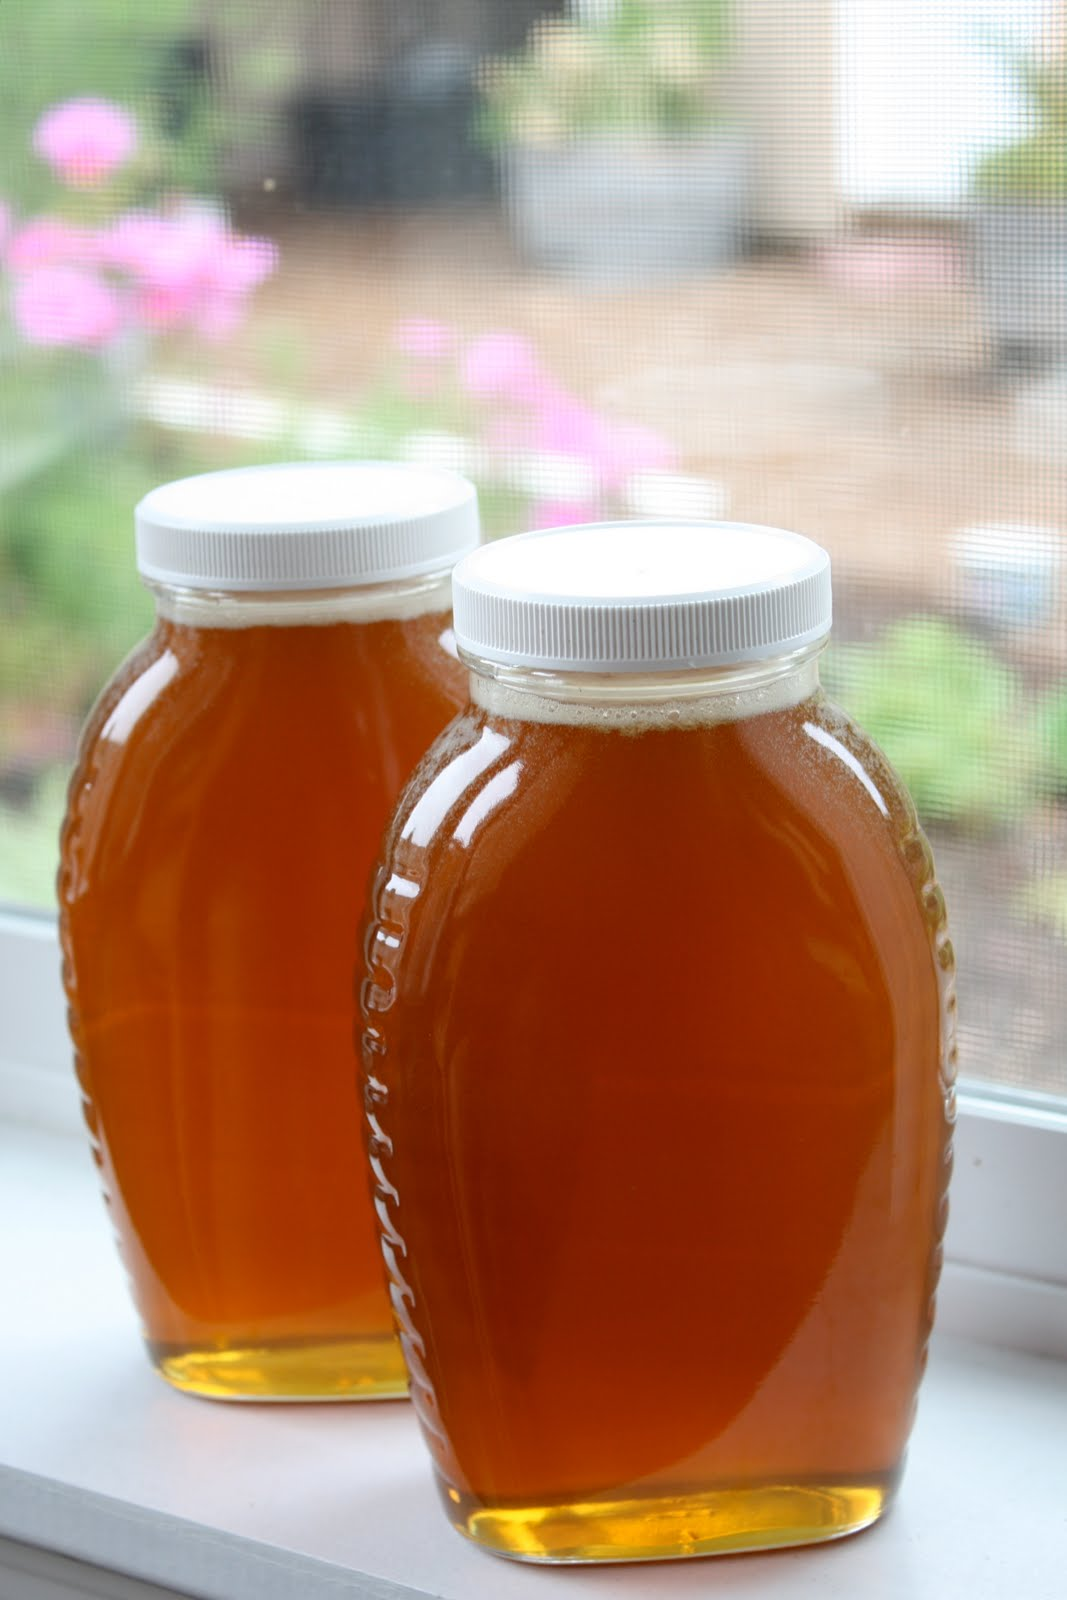 Good Lick jar honey all